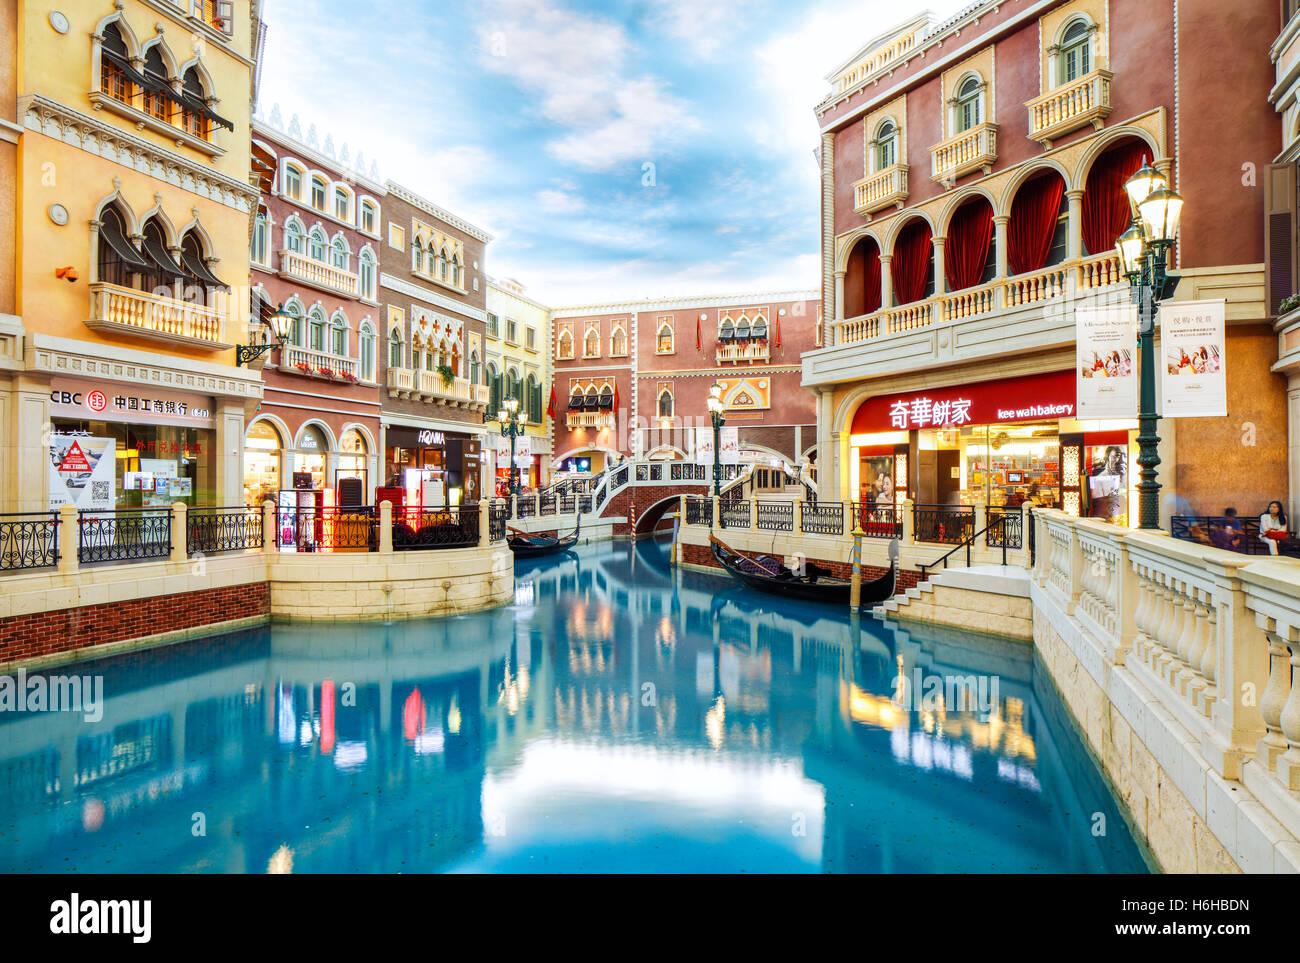 Le Grand Canal Shoppes à l'intérieur de l'hôtel vénitien, Cotai, Macao. Photo Stock